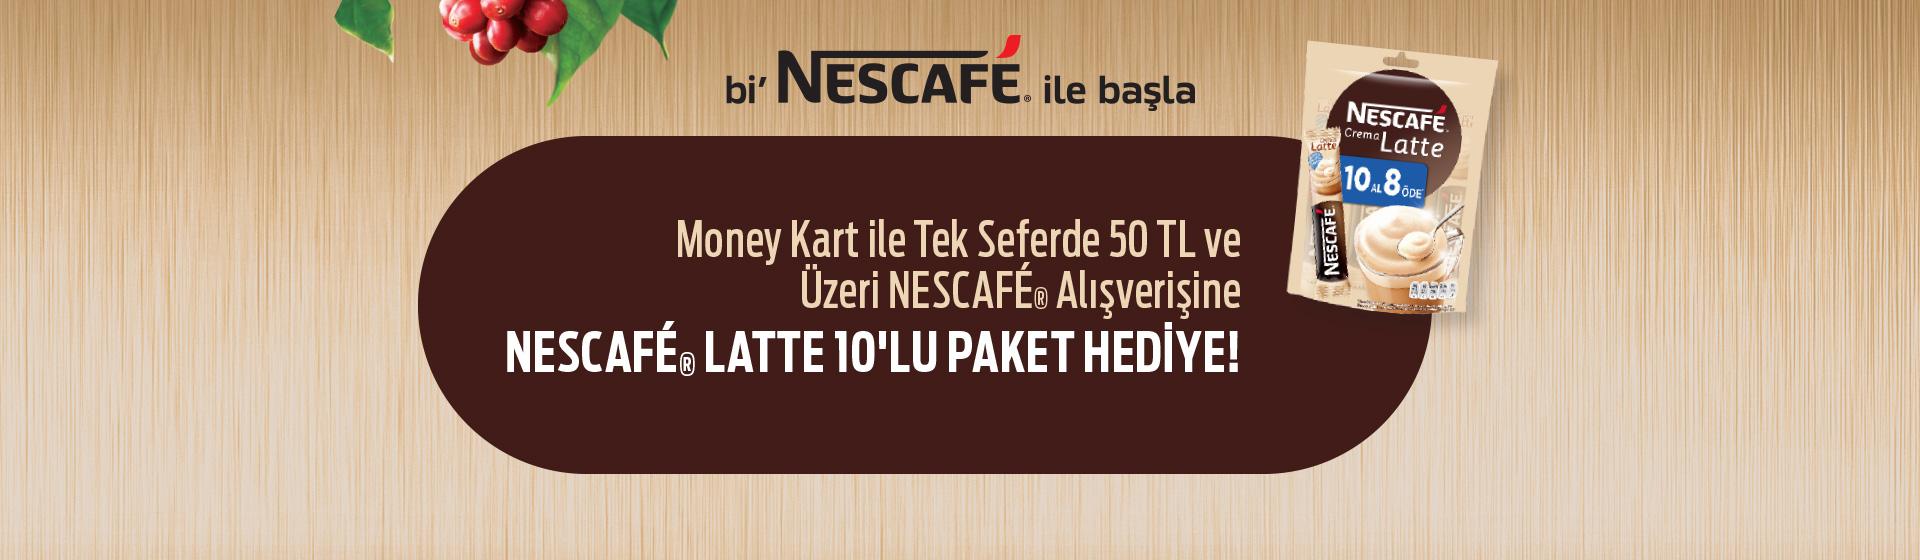 Nescafe Hediye Kampanyası